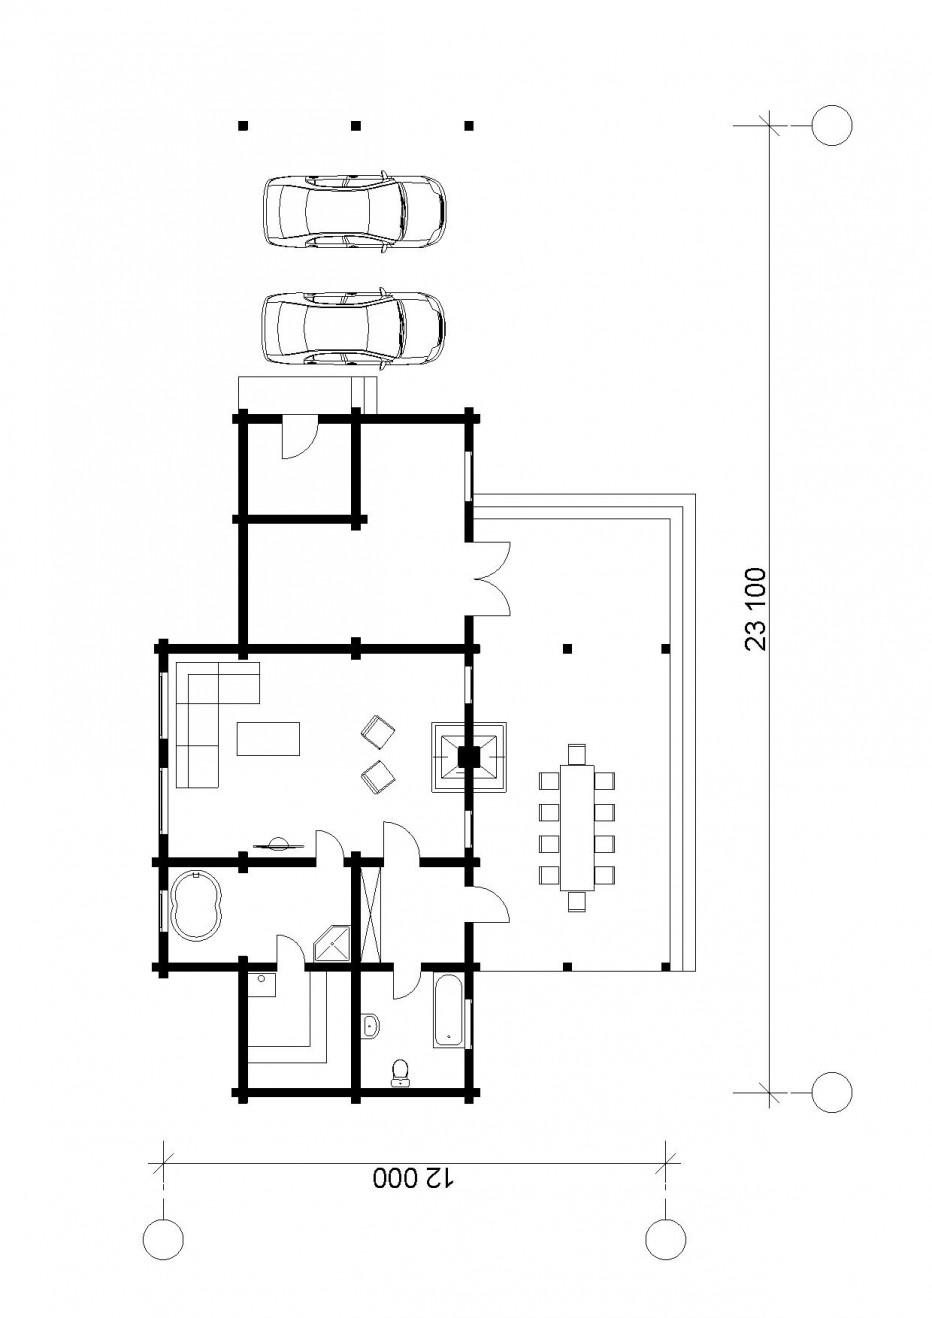 Гостевой дом в д.Силичи, 120 м2